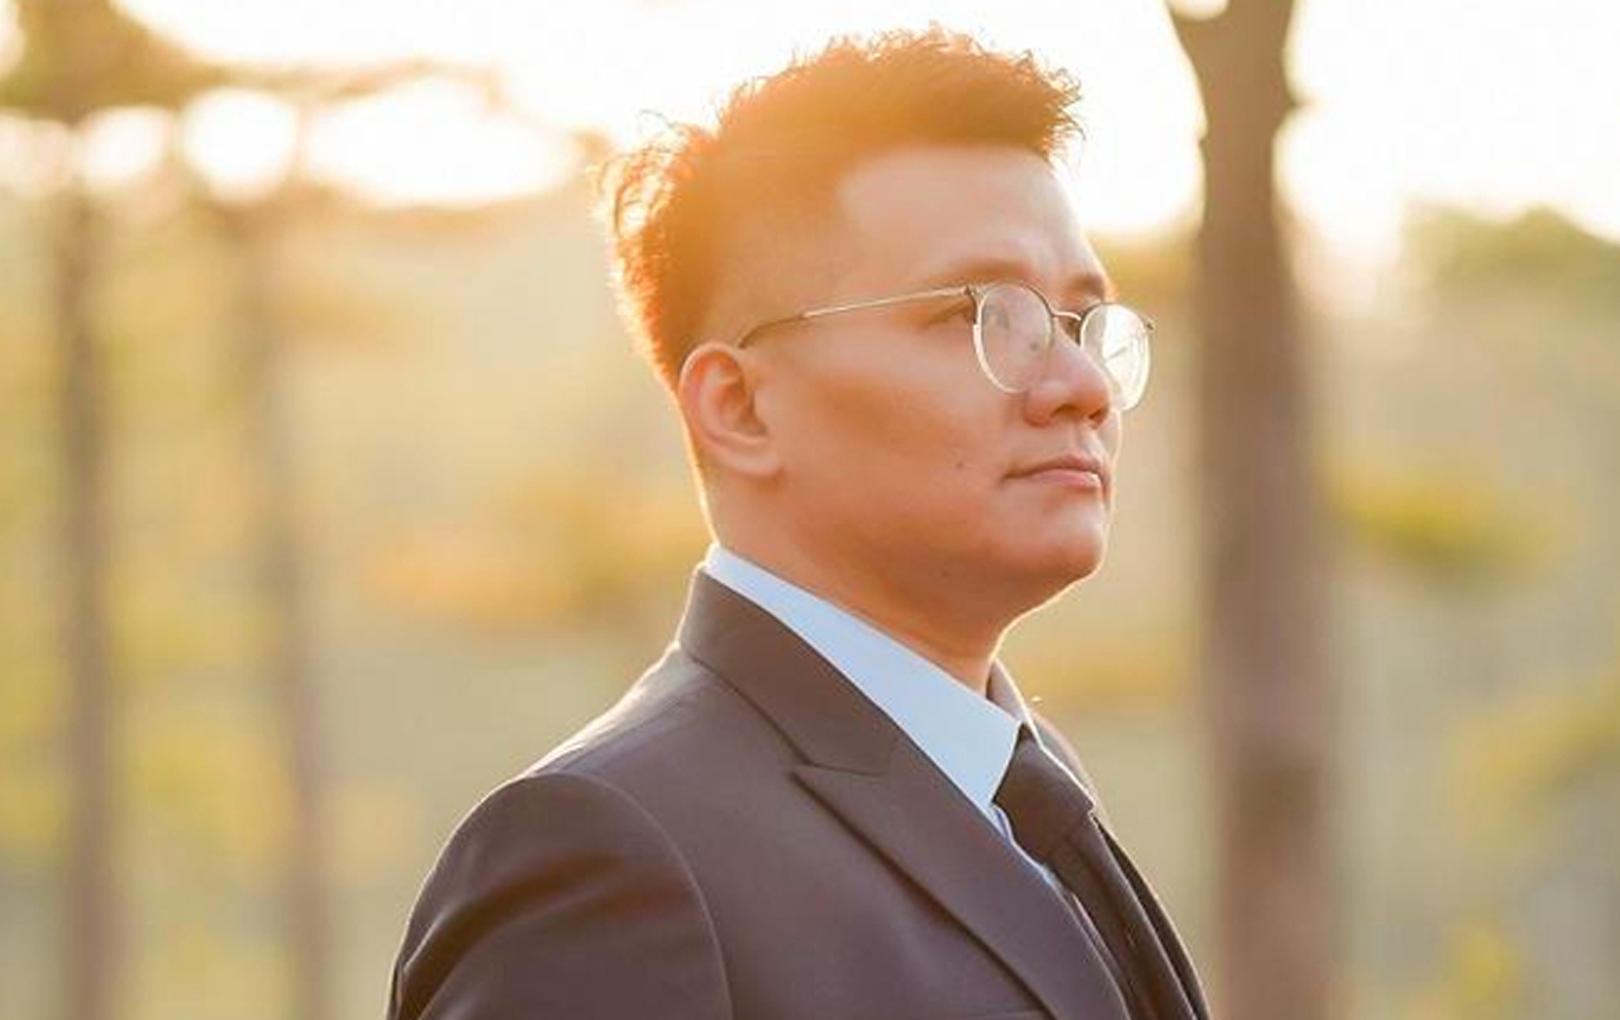 NÓNG: Bộ Công an bắt 'cậu IT' Nhâm Hoàng Khang với cáo buộc 'cưỡng đoạt tài sản'